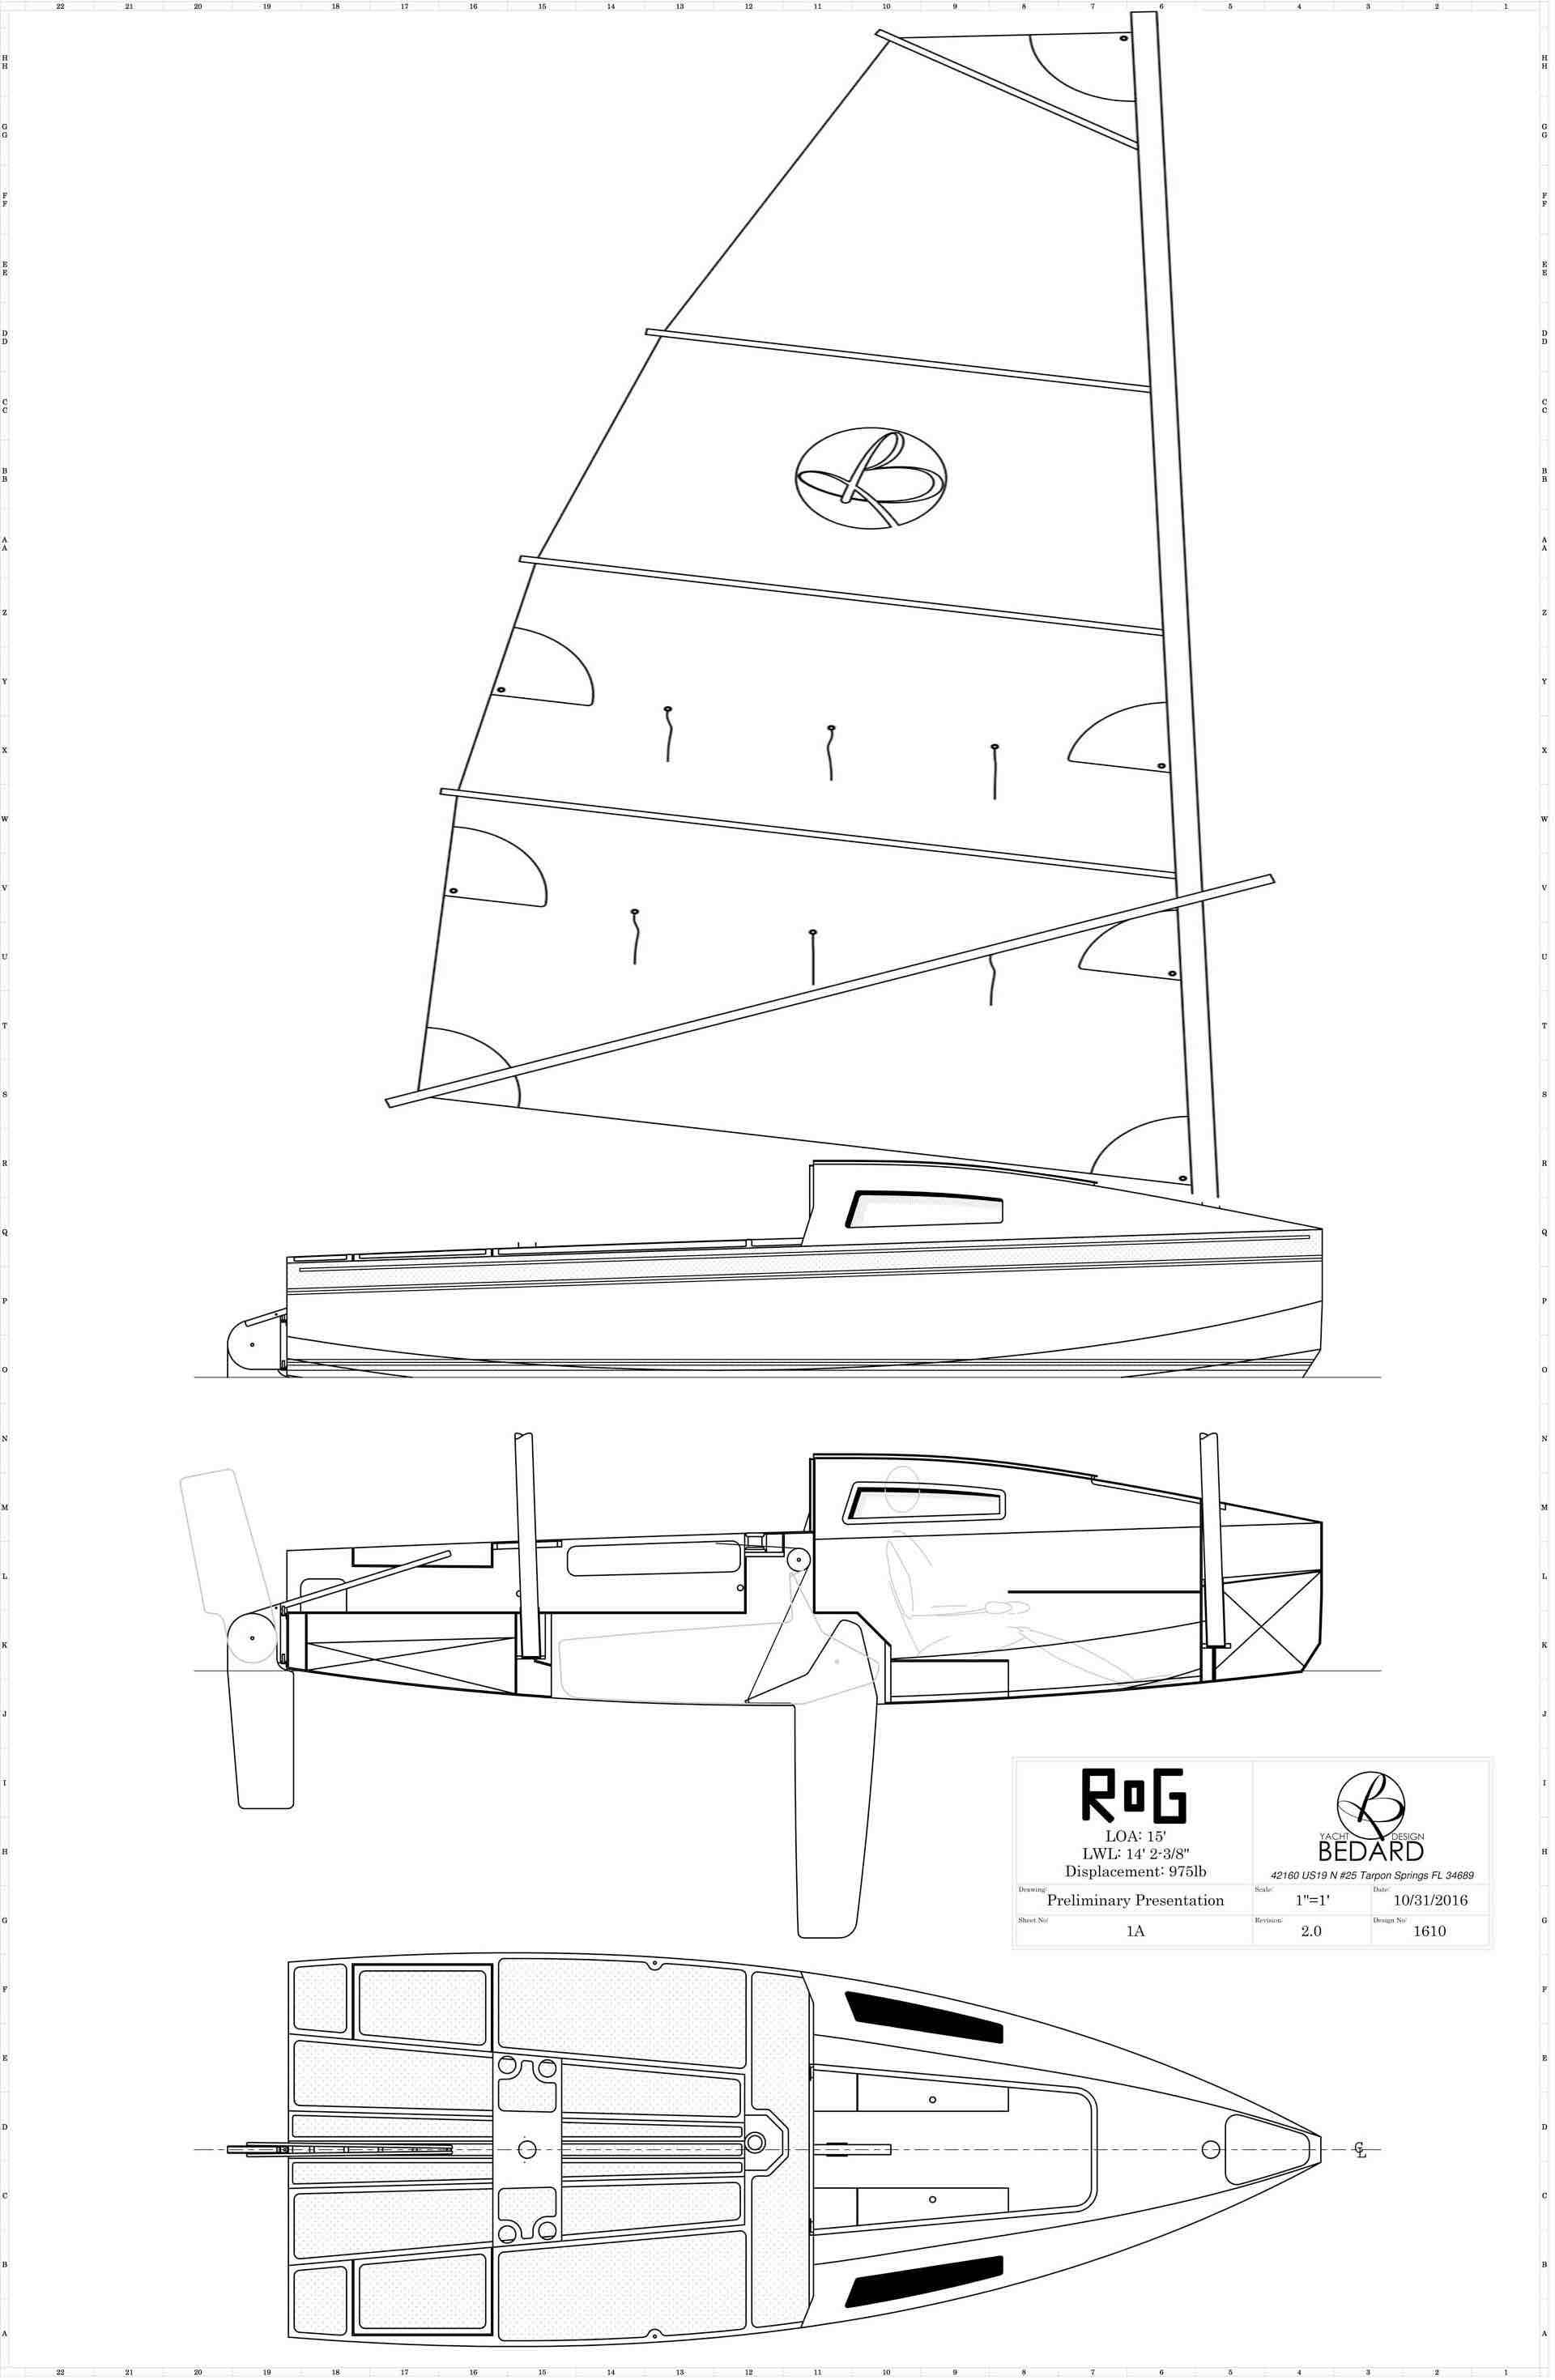 Name:  Cat rig same main mast.jpg Views: 286 Size:  201.4 KB